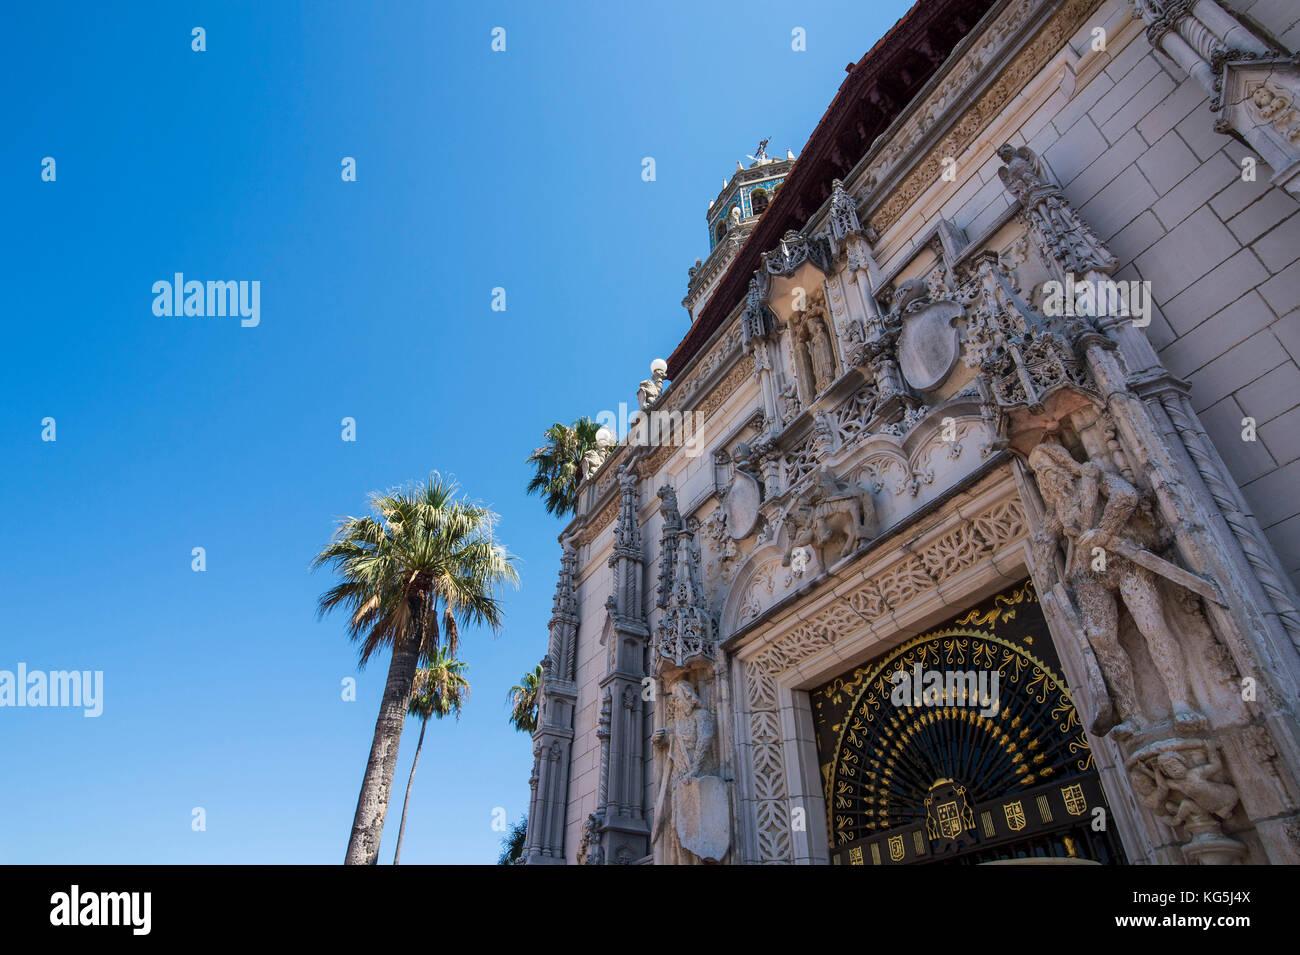 Lujoso Castillo Hearst, Big sur, California, EE.UU. Imagen De Stock